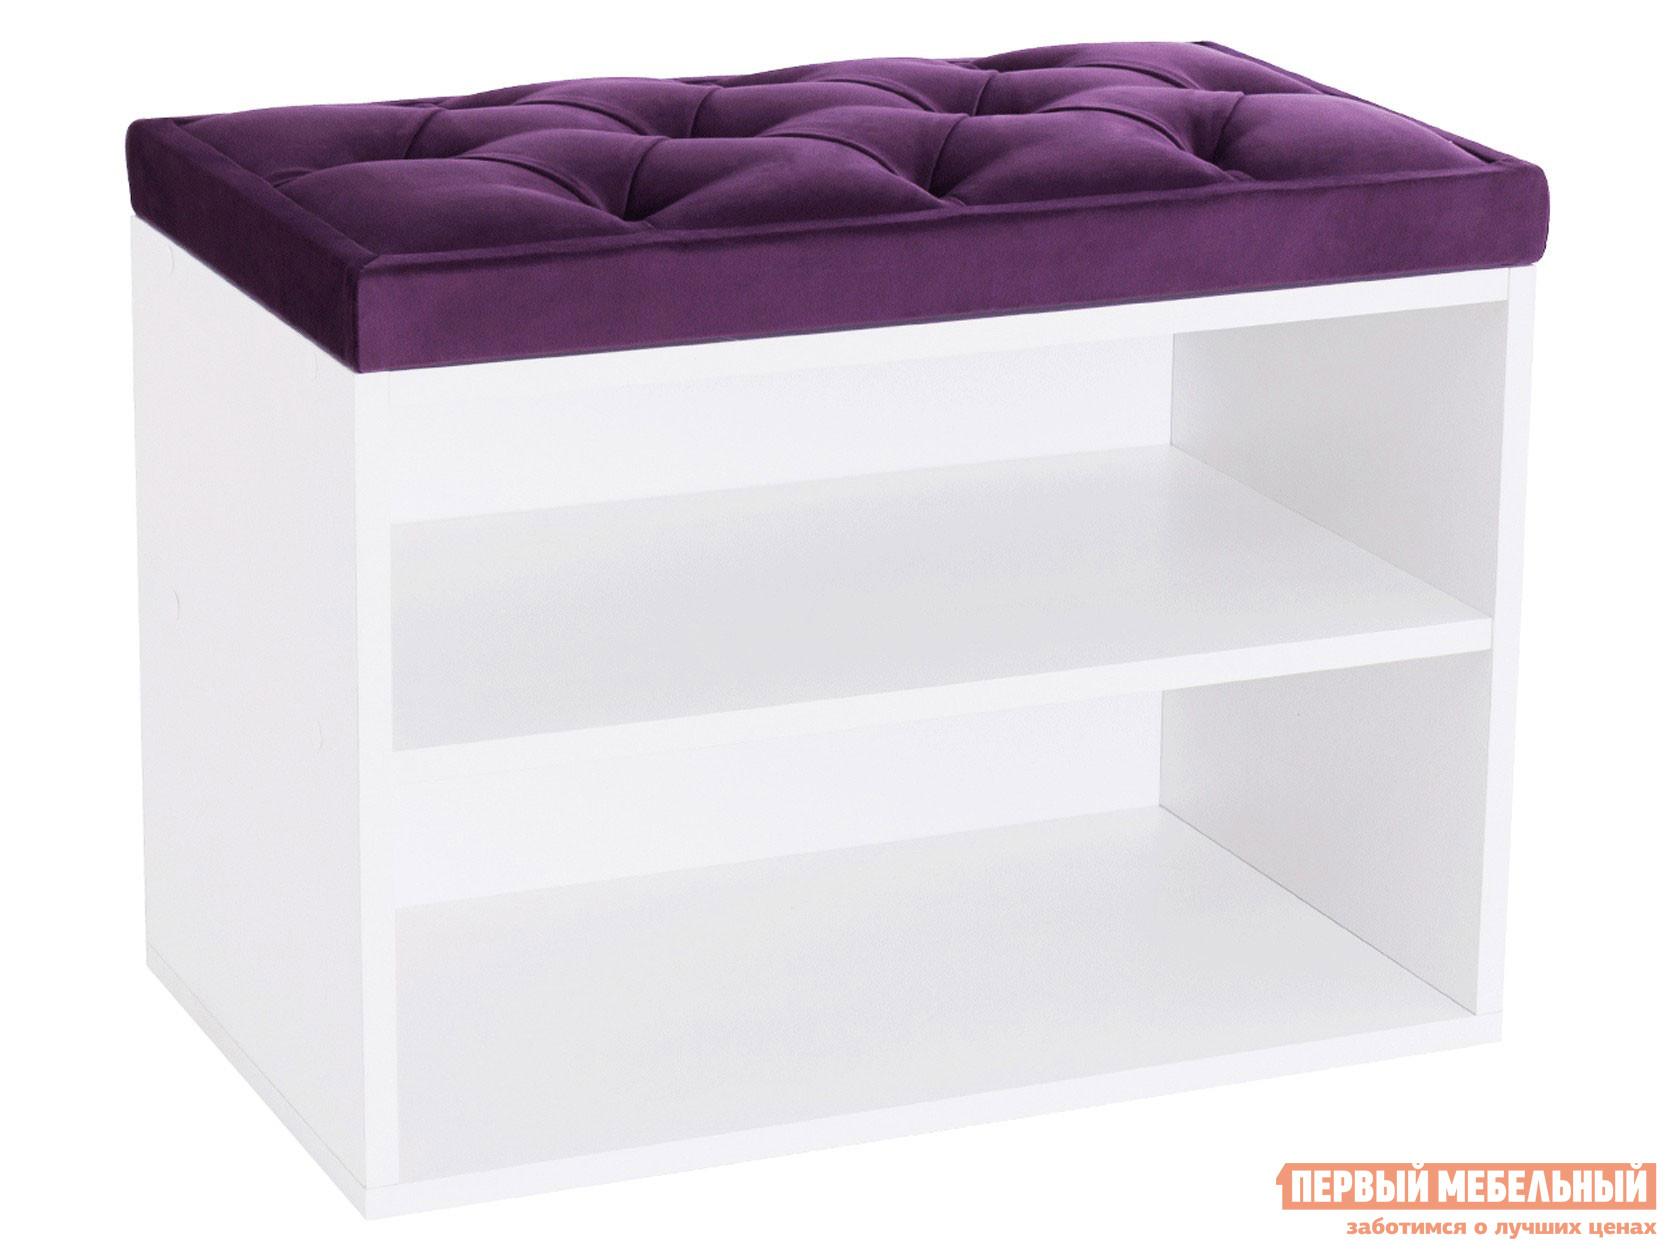 Обувница  Обувница HD mini 600 Bella 14 Фиолетовый, Белый